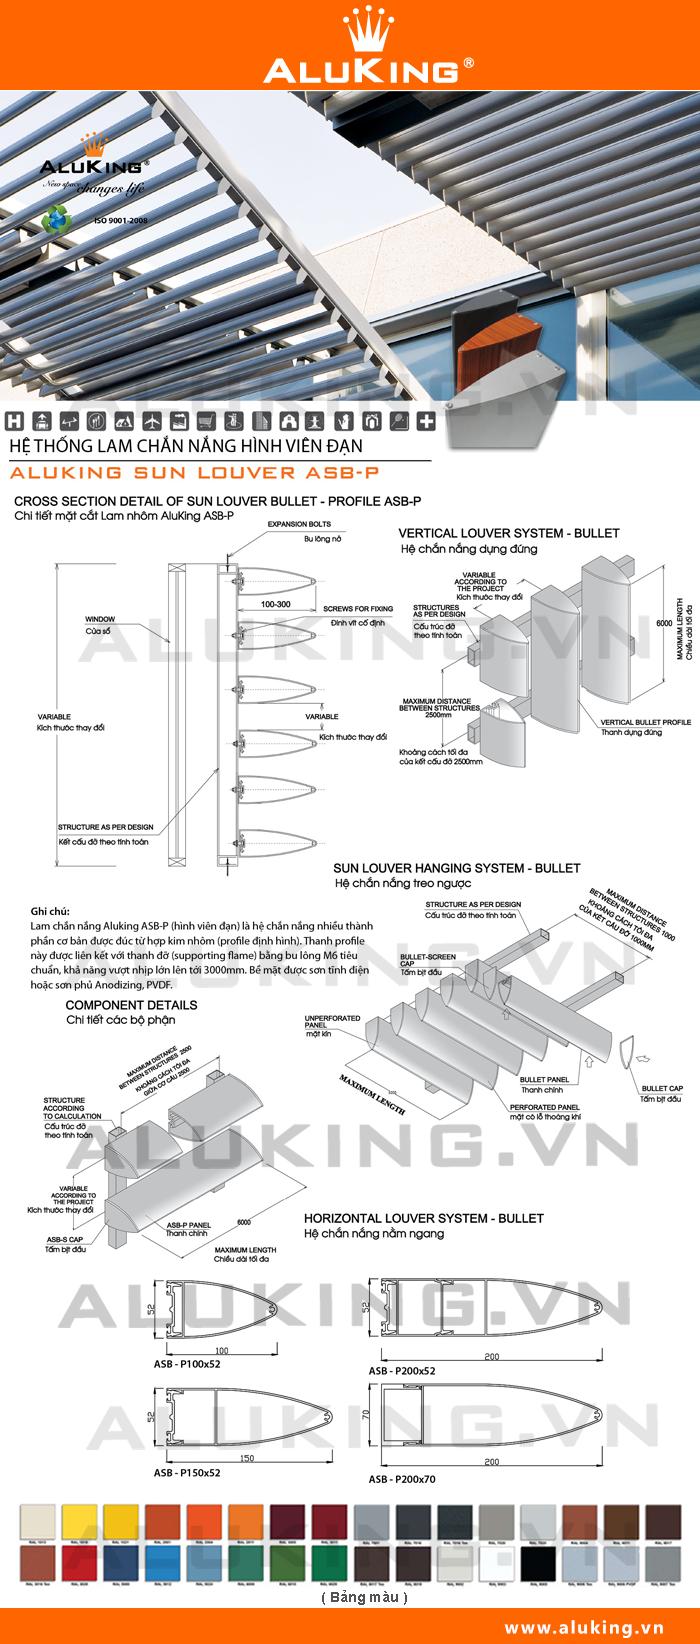 Lắp đặt lam chắn nắng chất lượng và uy tín